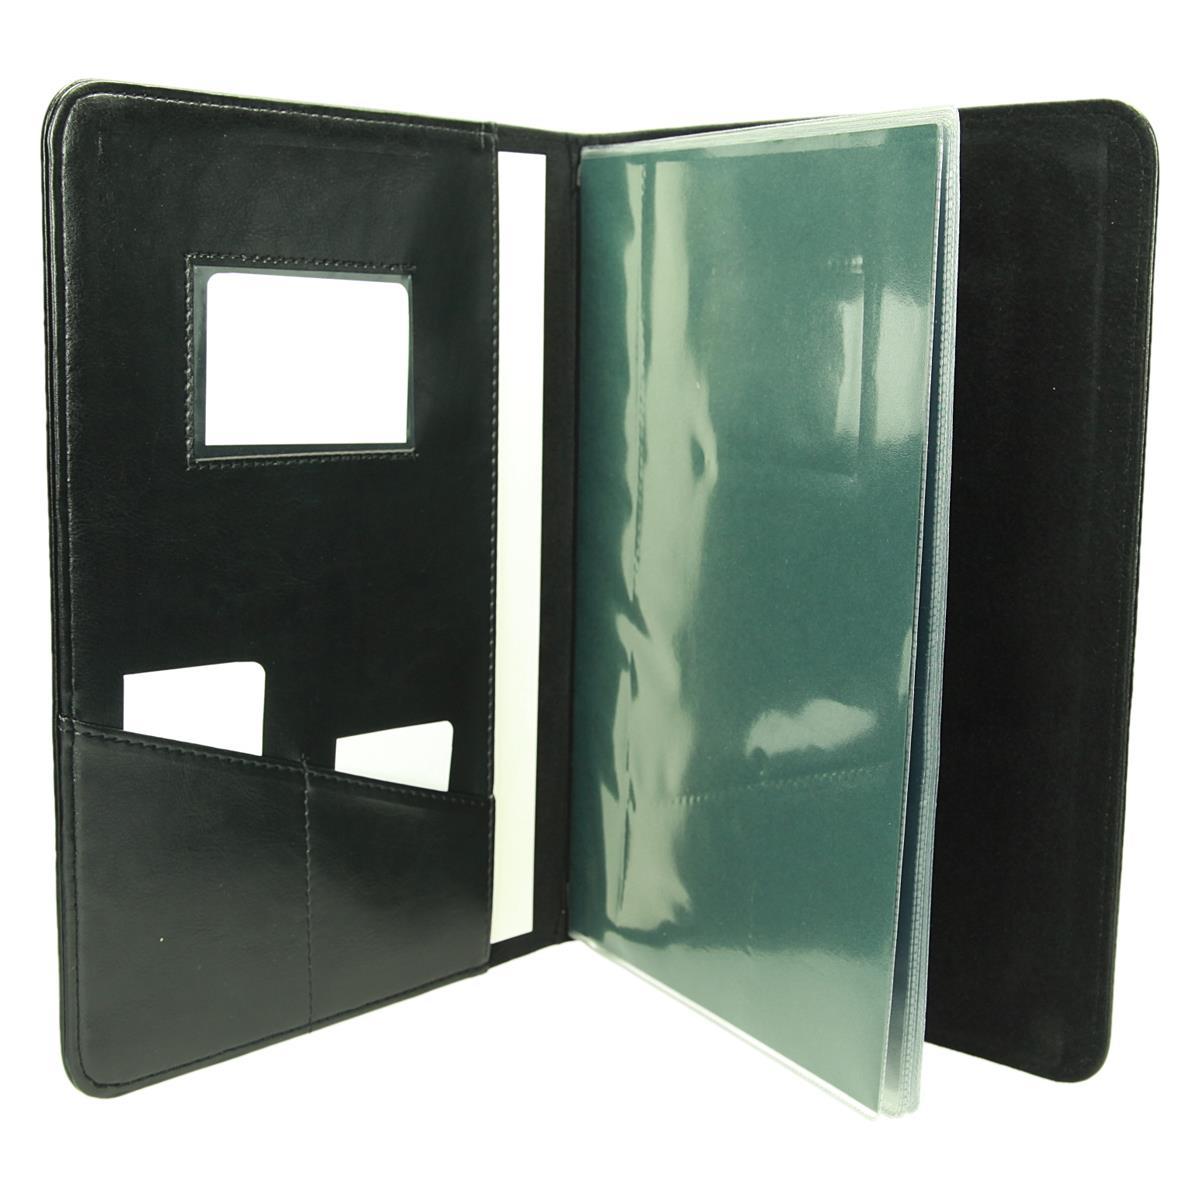 Teczka z wkładami foliowymi (10 sztuk A-4) wszytymi na stałe 0437_1 Do prezentacji - ofertówki